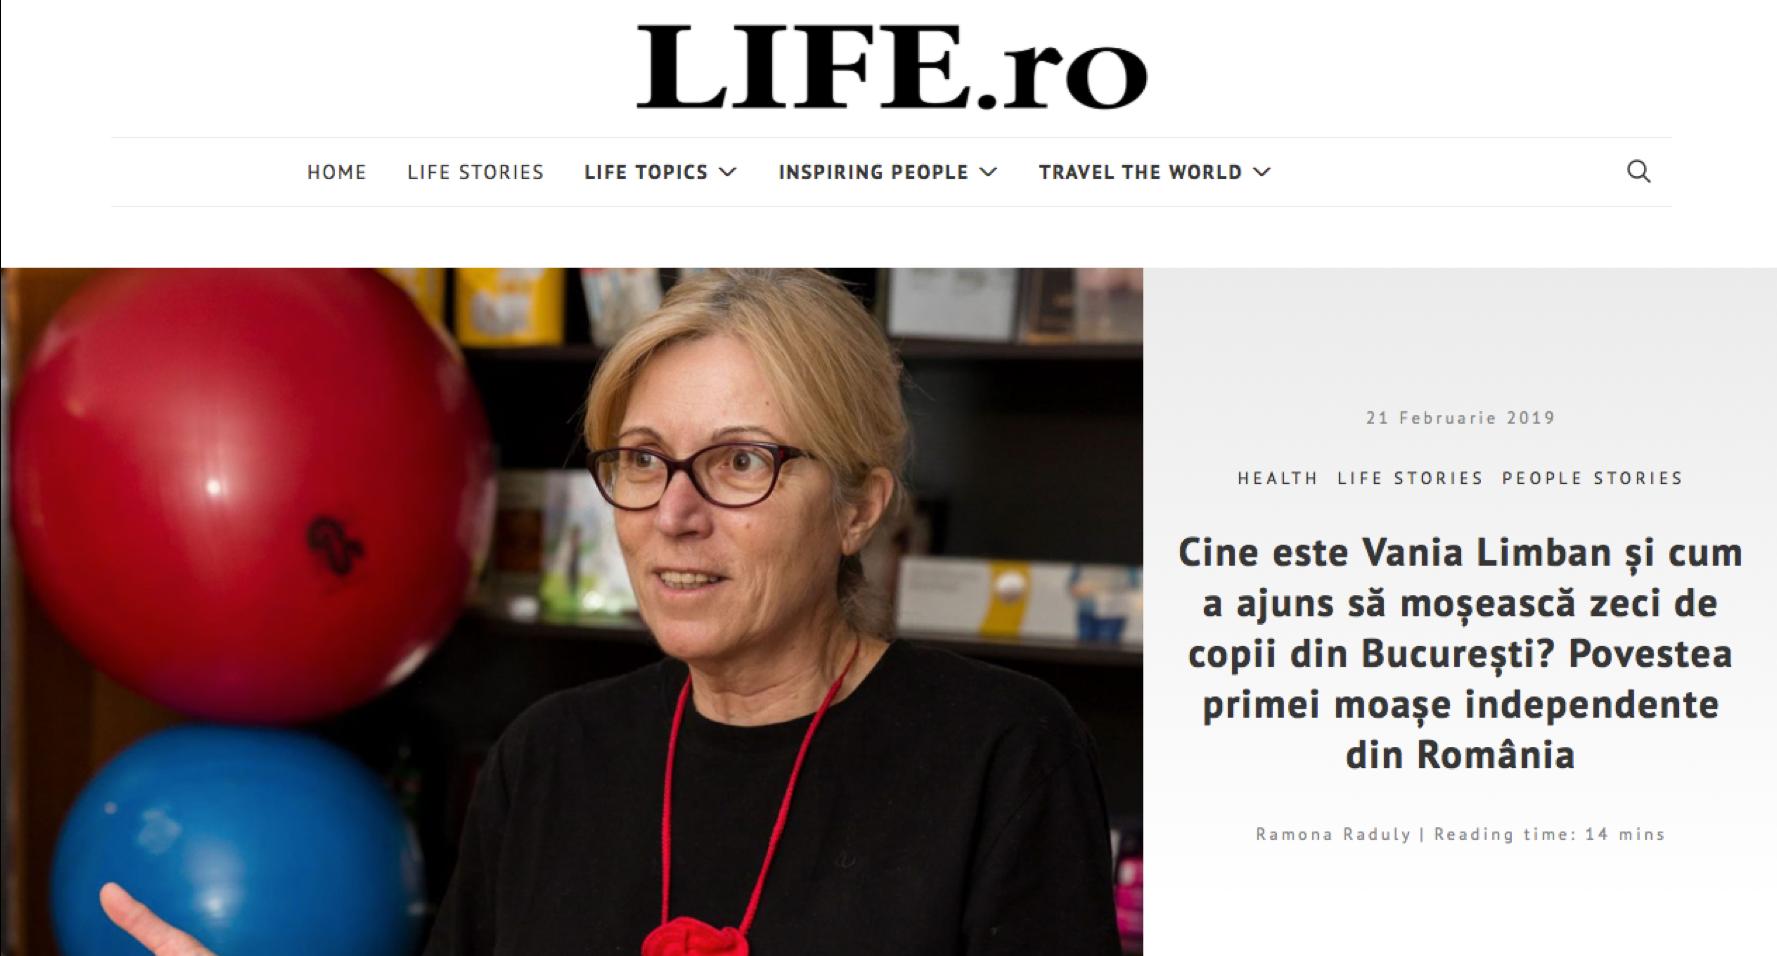 Life.ro: Cine este Vania Limban și cum a ajuns să moșească zeci de copii?